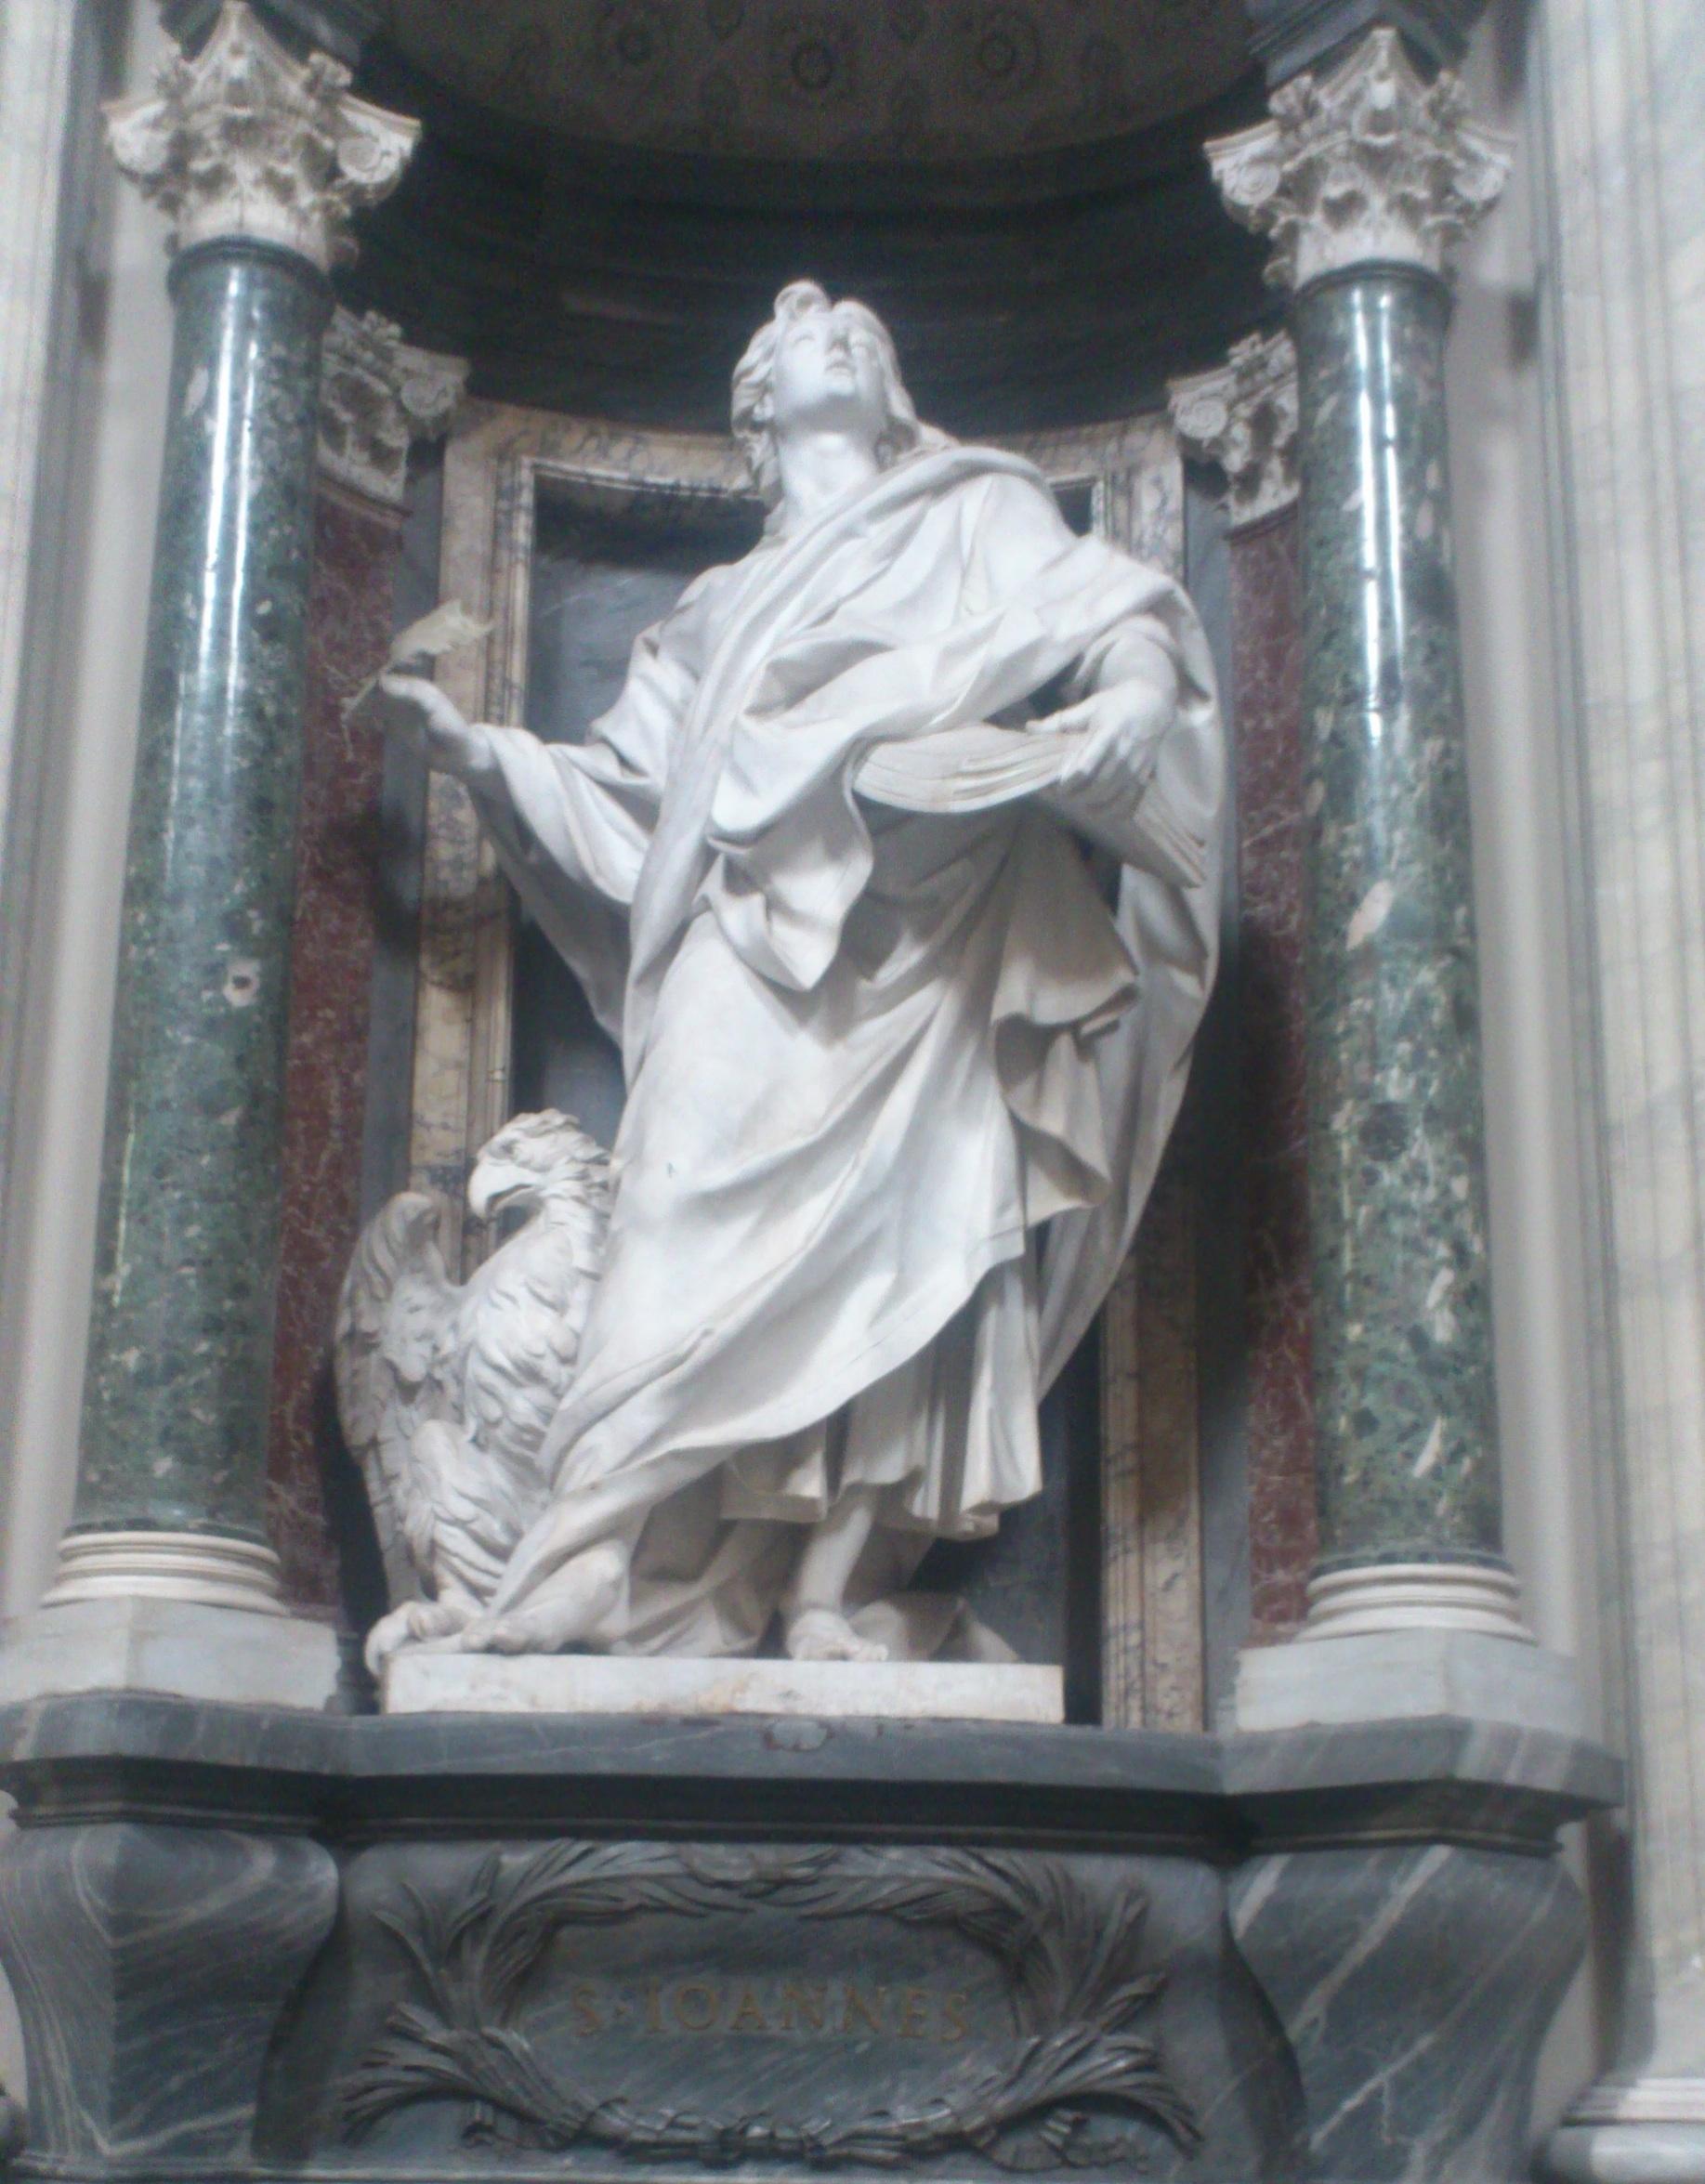 St. John statue Rome